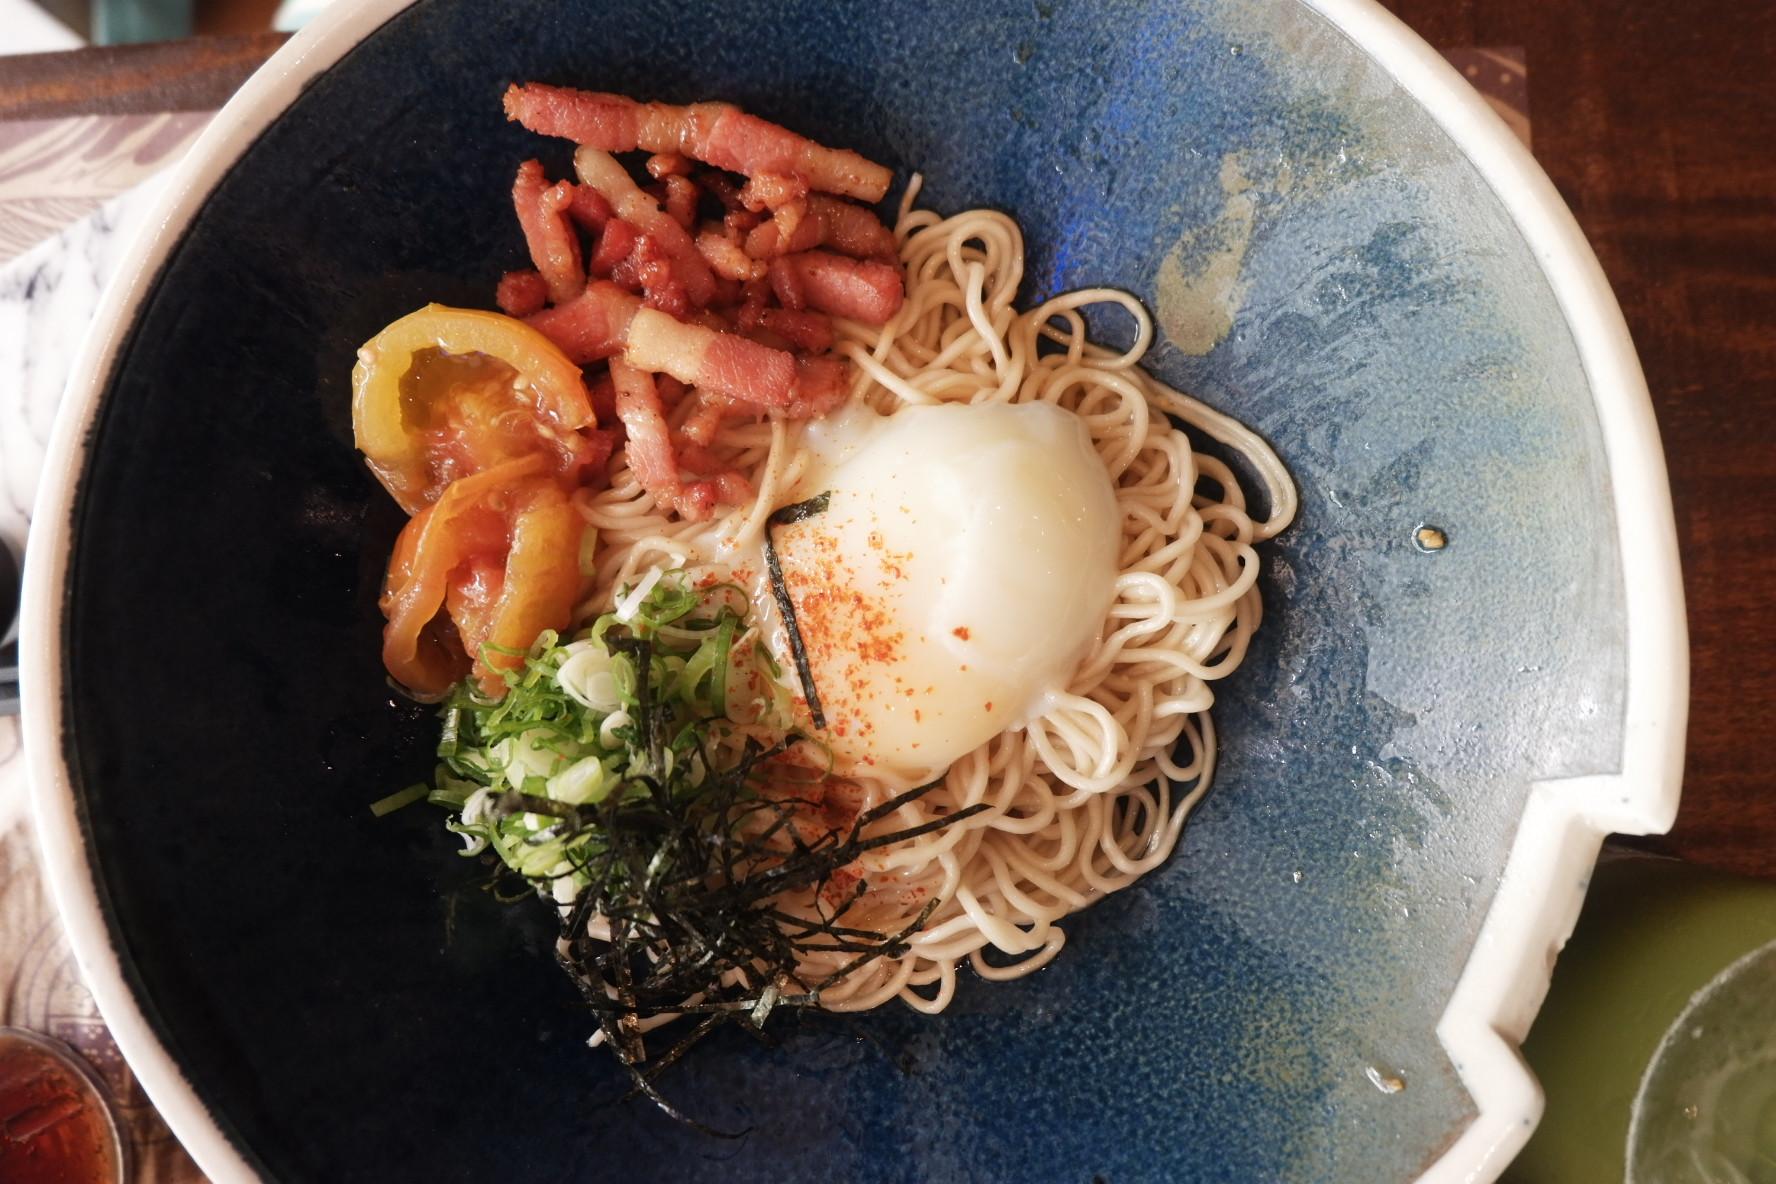 nolisoliph eats restaurant hanamaruken